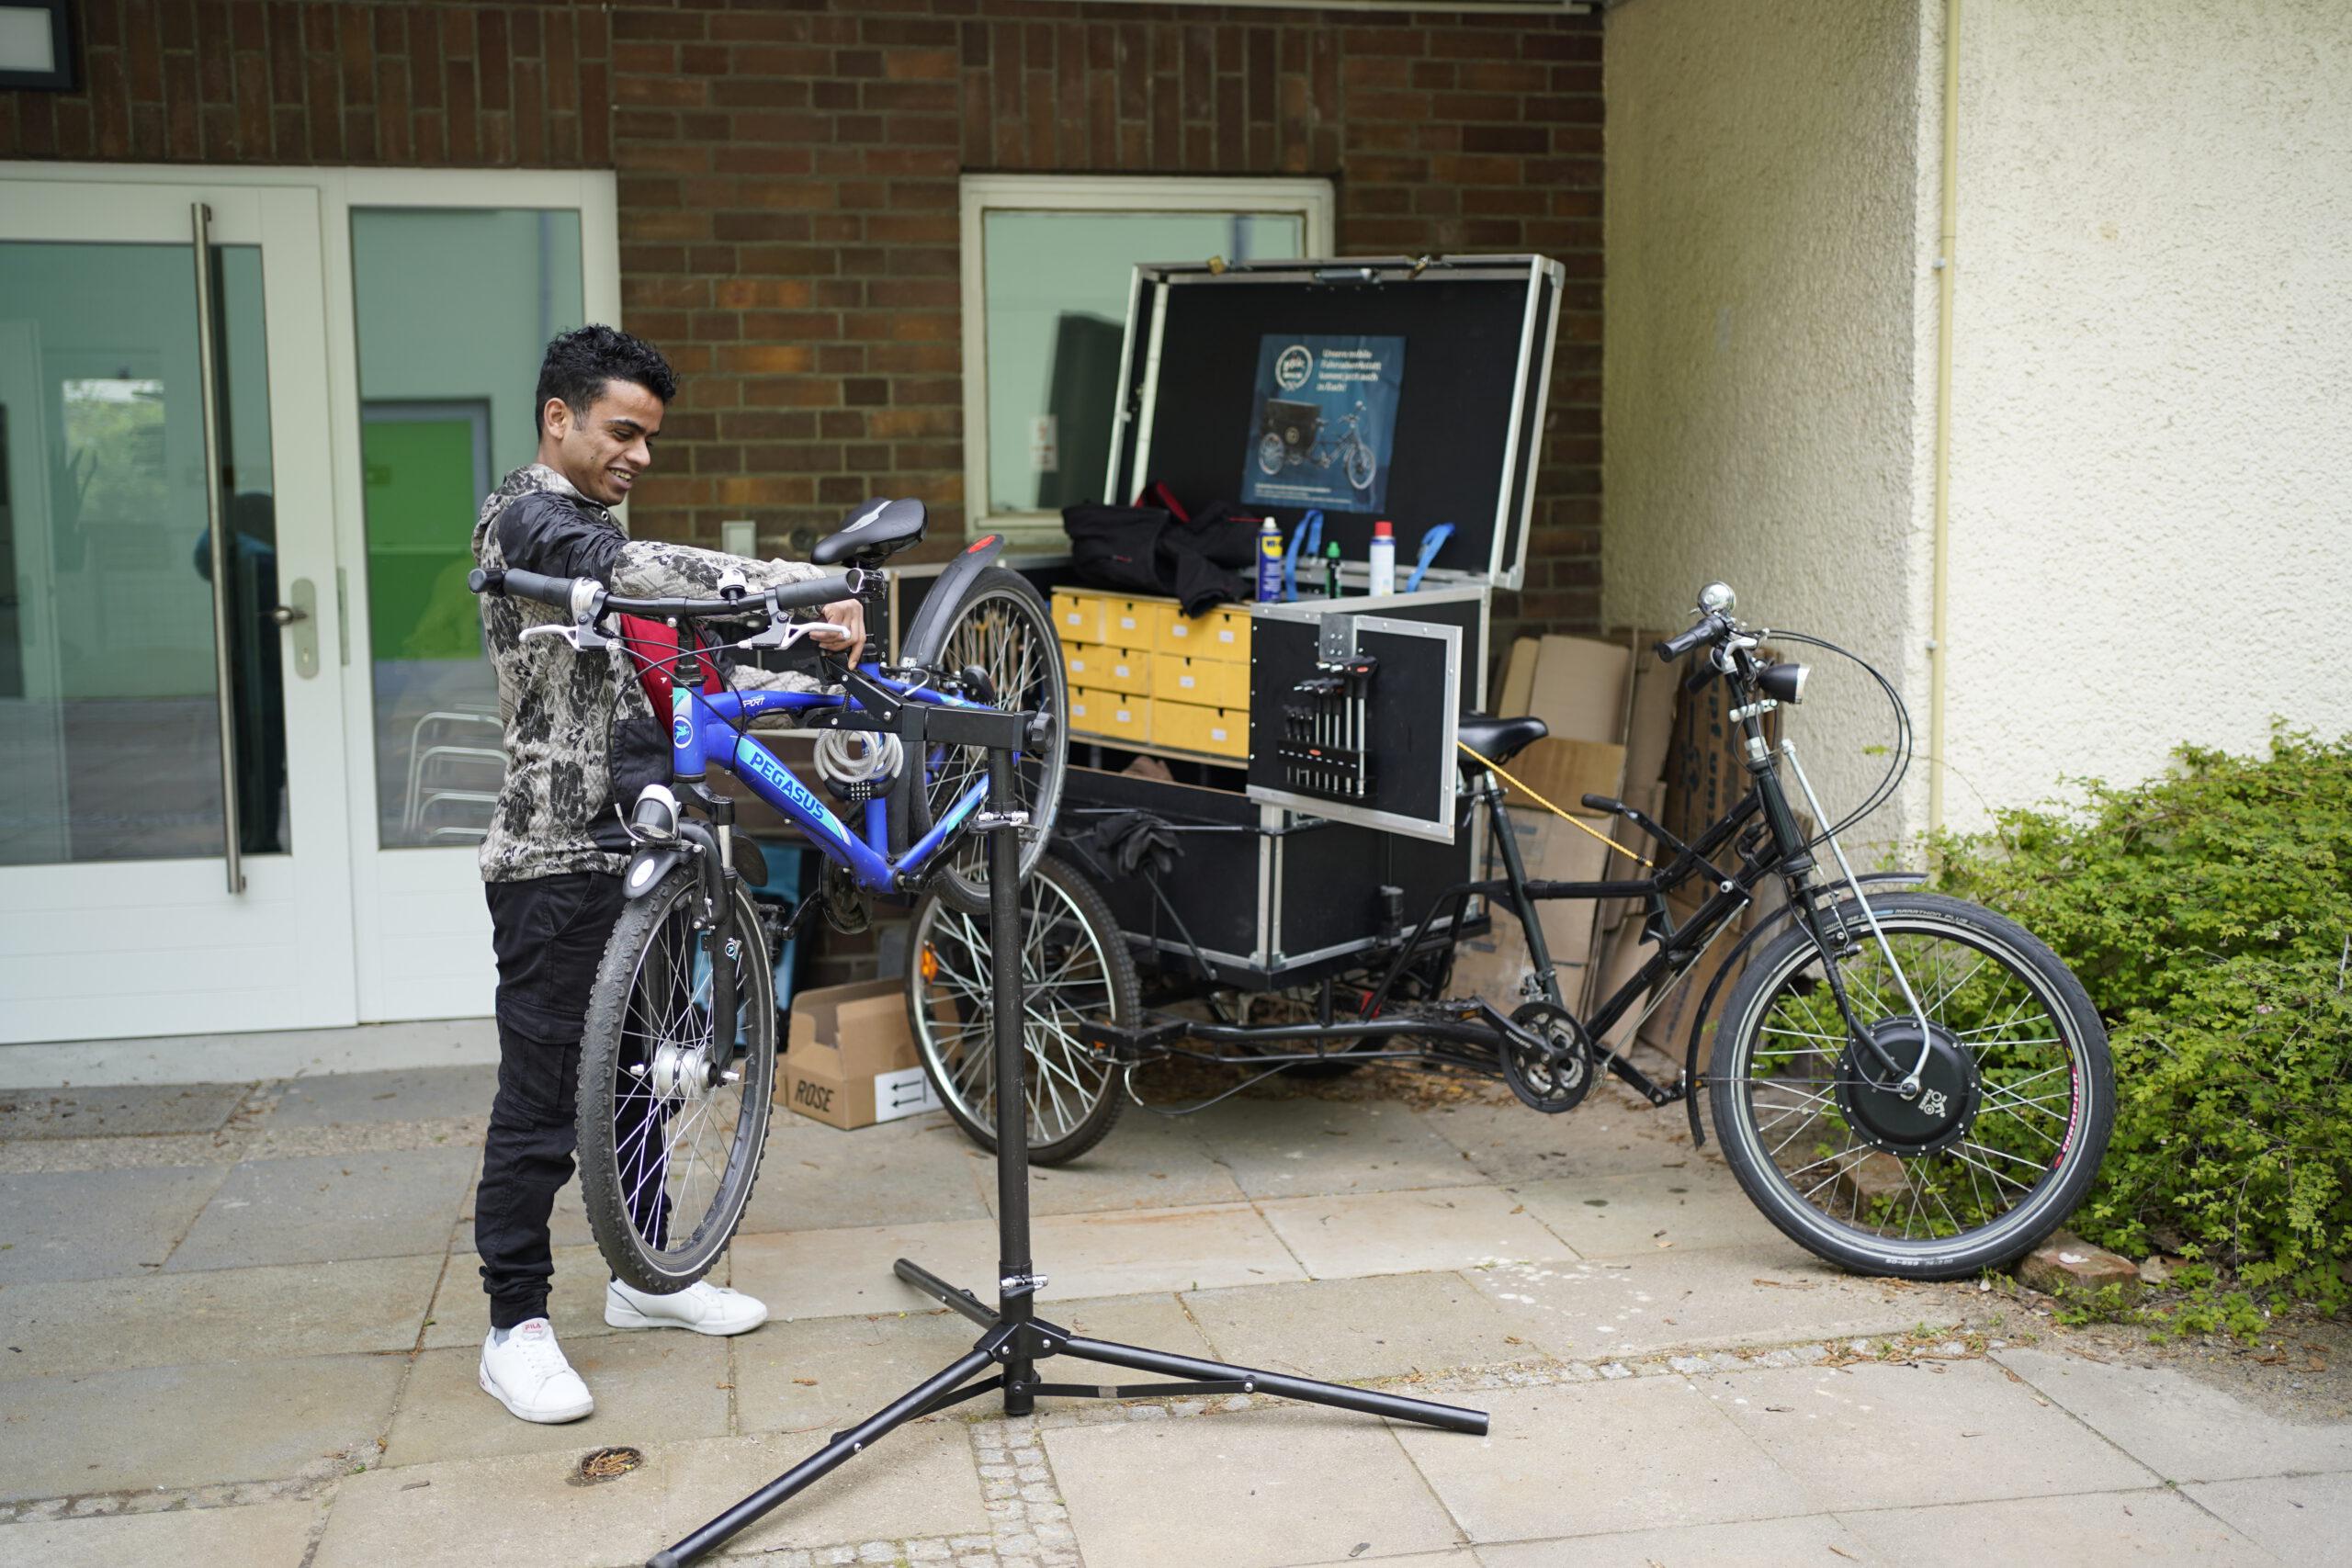 Nach einer langen Winterpause ist das KIDZ Bike, die mobile Fahrradwerkstatt endlich wieder unterwegs. Diese Woche kam KIDZ-Bike-Schrauber Erik auf das Gelände der Villa Lützow und besuchte Kinder der Soziale Gruppe. Unter Anleitung von Erik und dem Jugendlichen Abdul können die Kinder ihre Räder wieder fit machen.